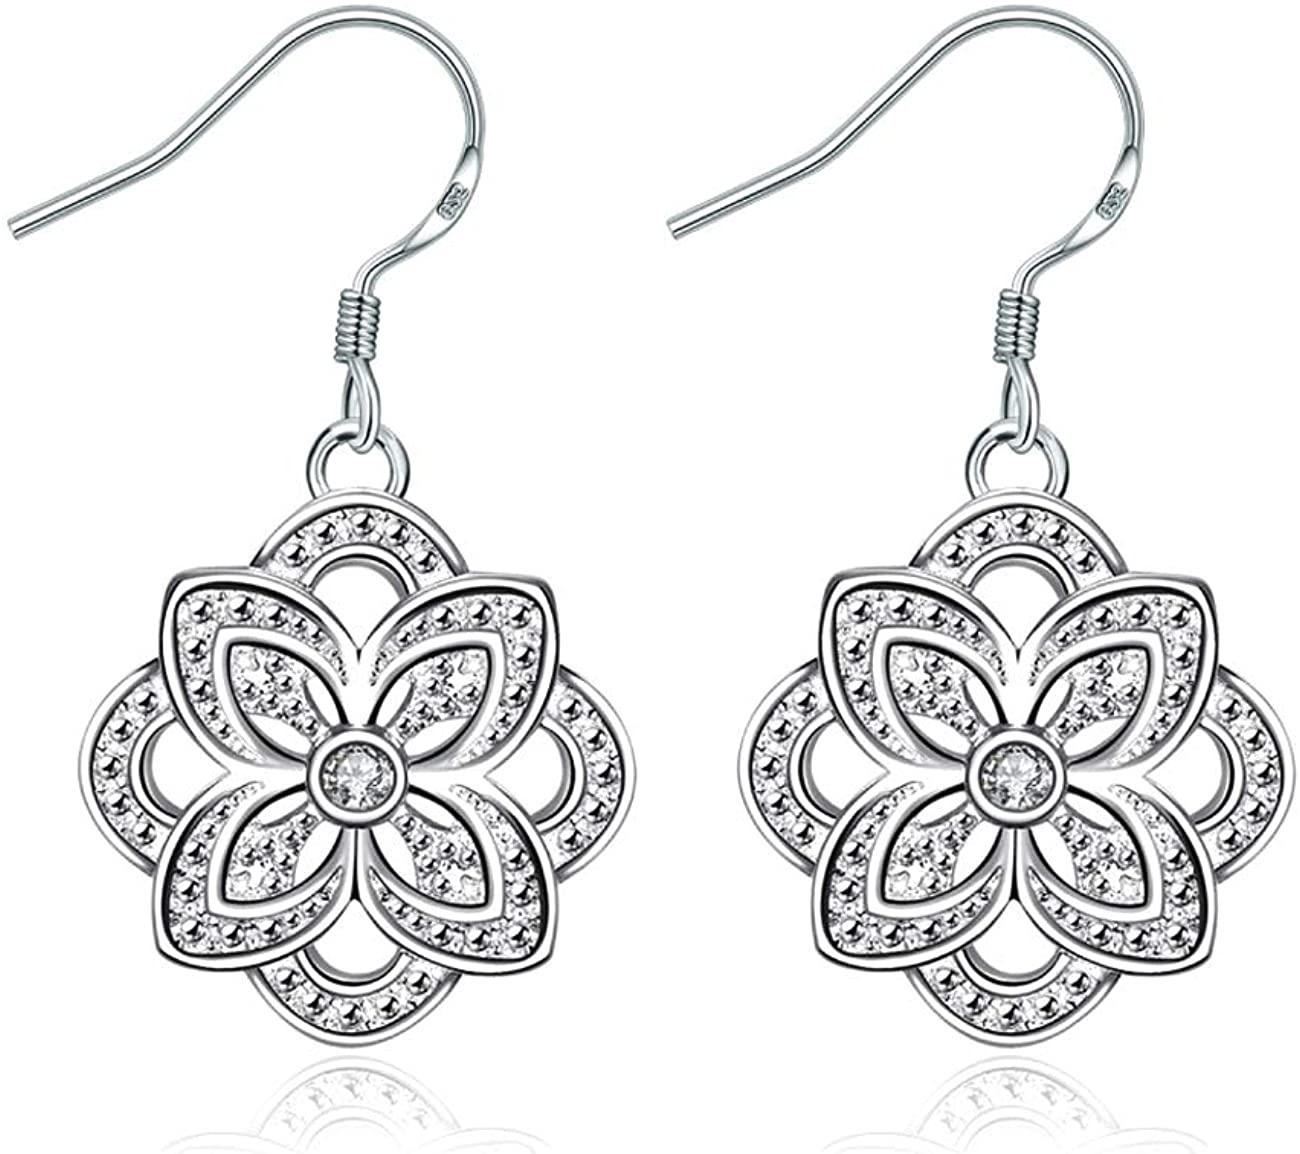 KEETEEN Filigree Sterling Silver Dangle Drop Womens Earrings For Sensitive Ears